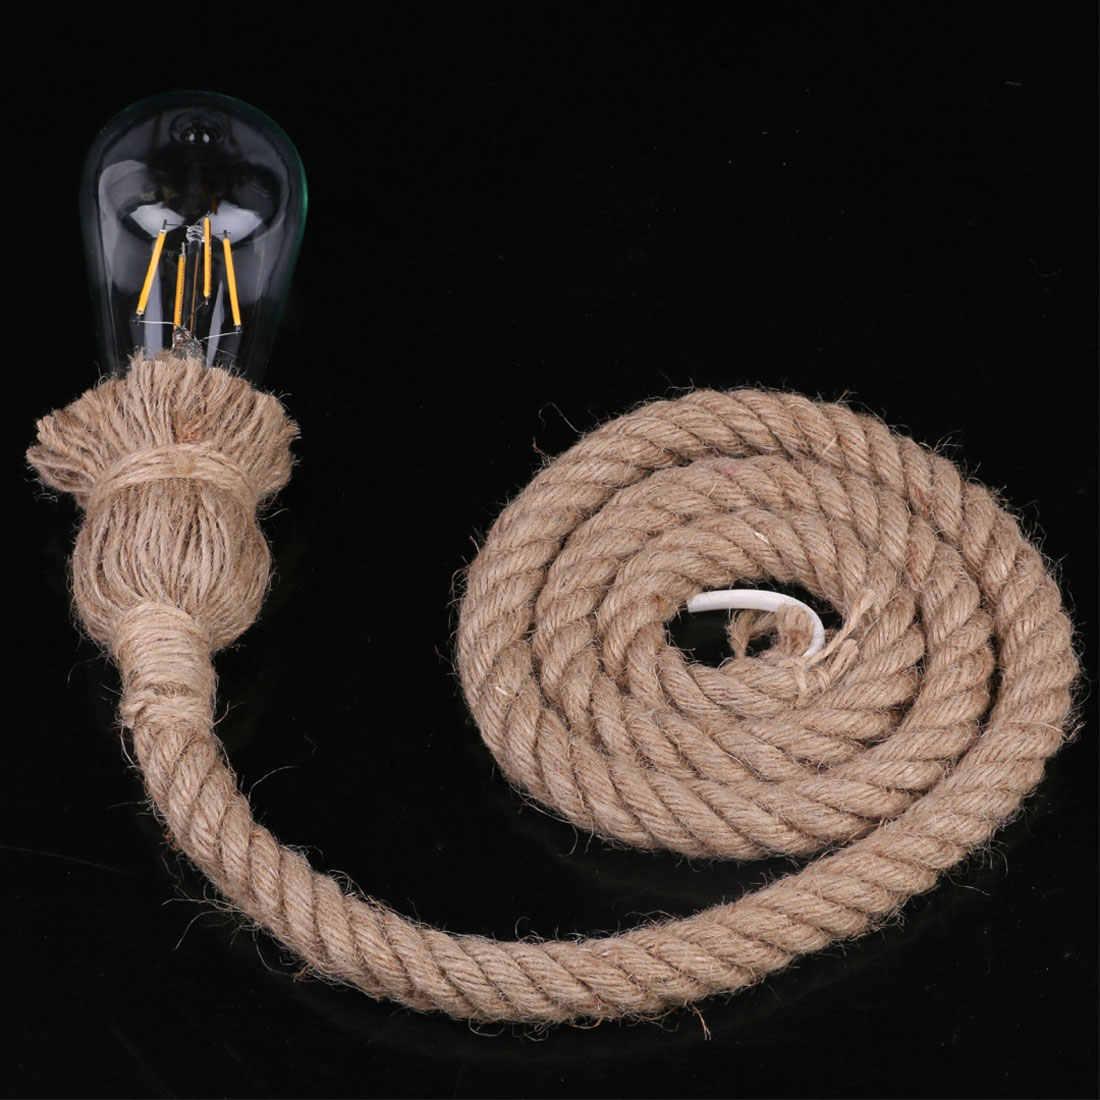 Люстра из пенькового каната Кафе Люстра с одной лампой веревка люстра лампа ретро стиль Ресторан барная веревка лампа